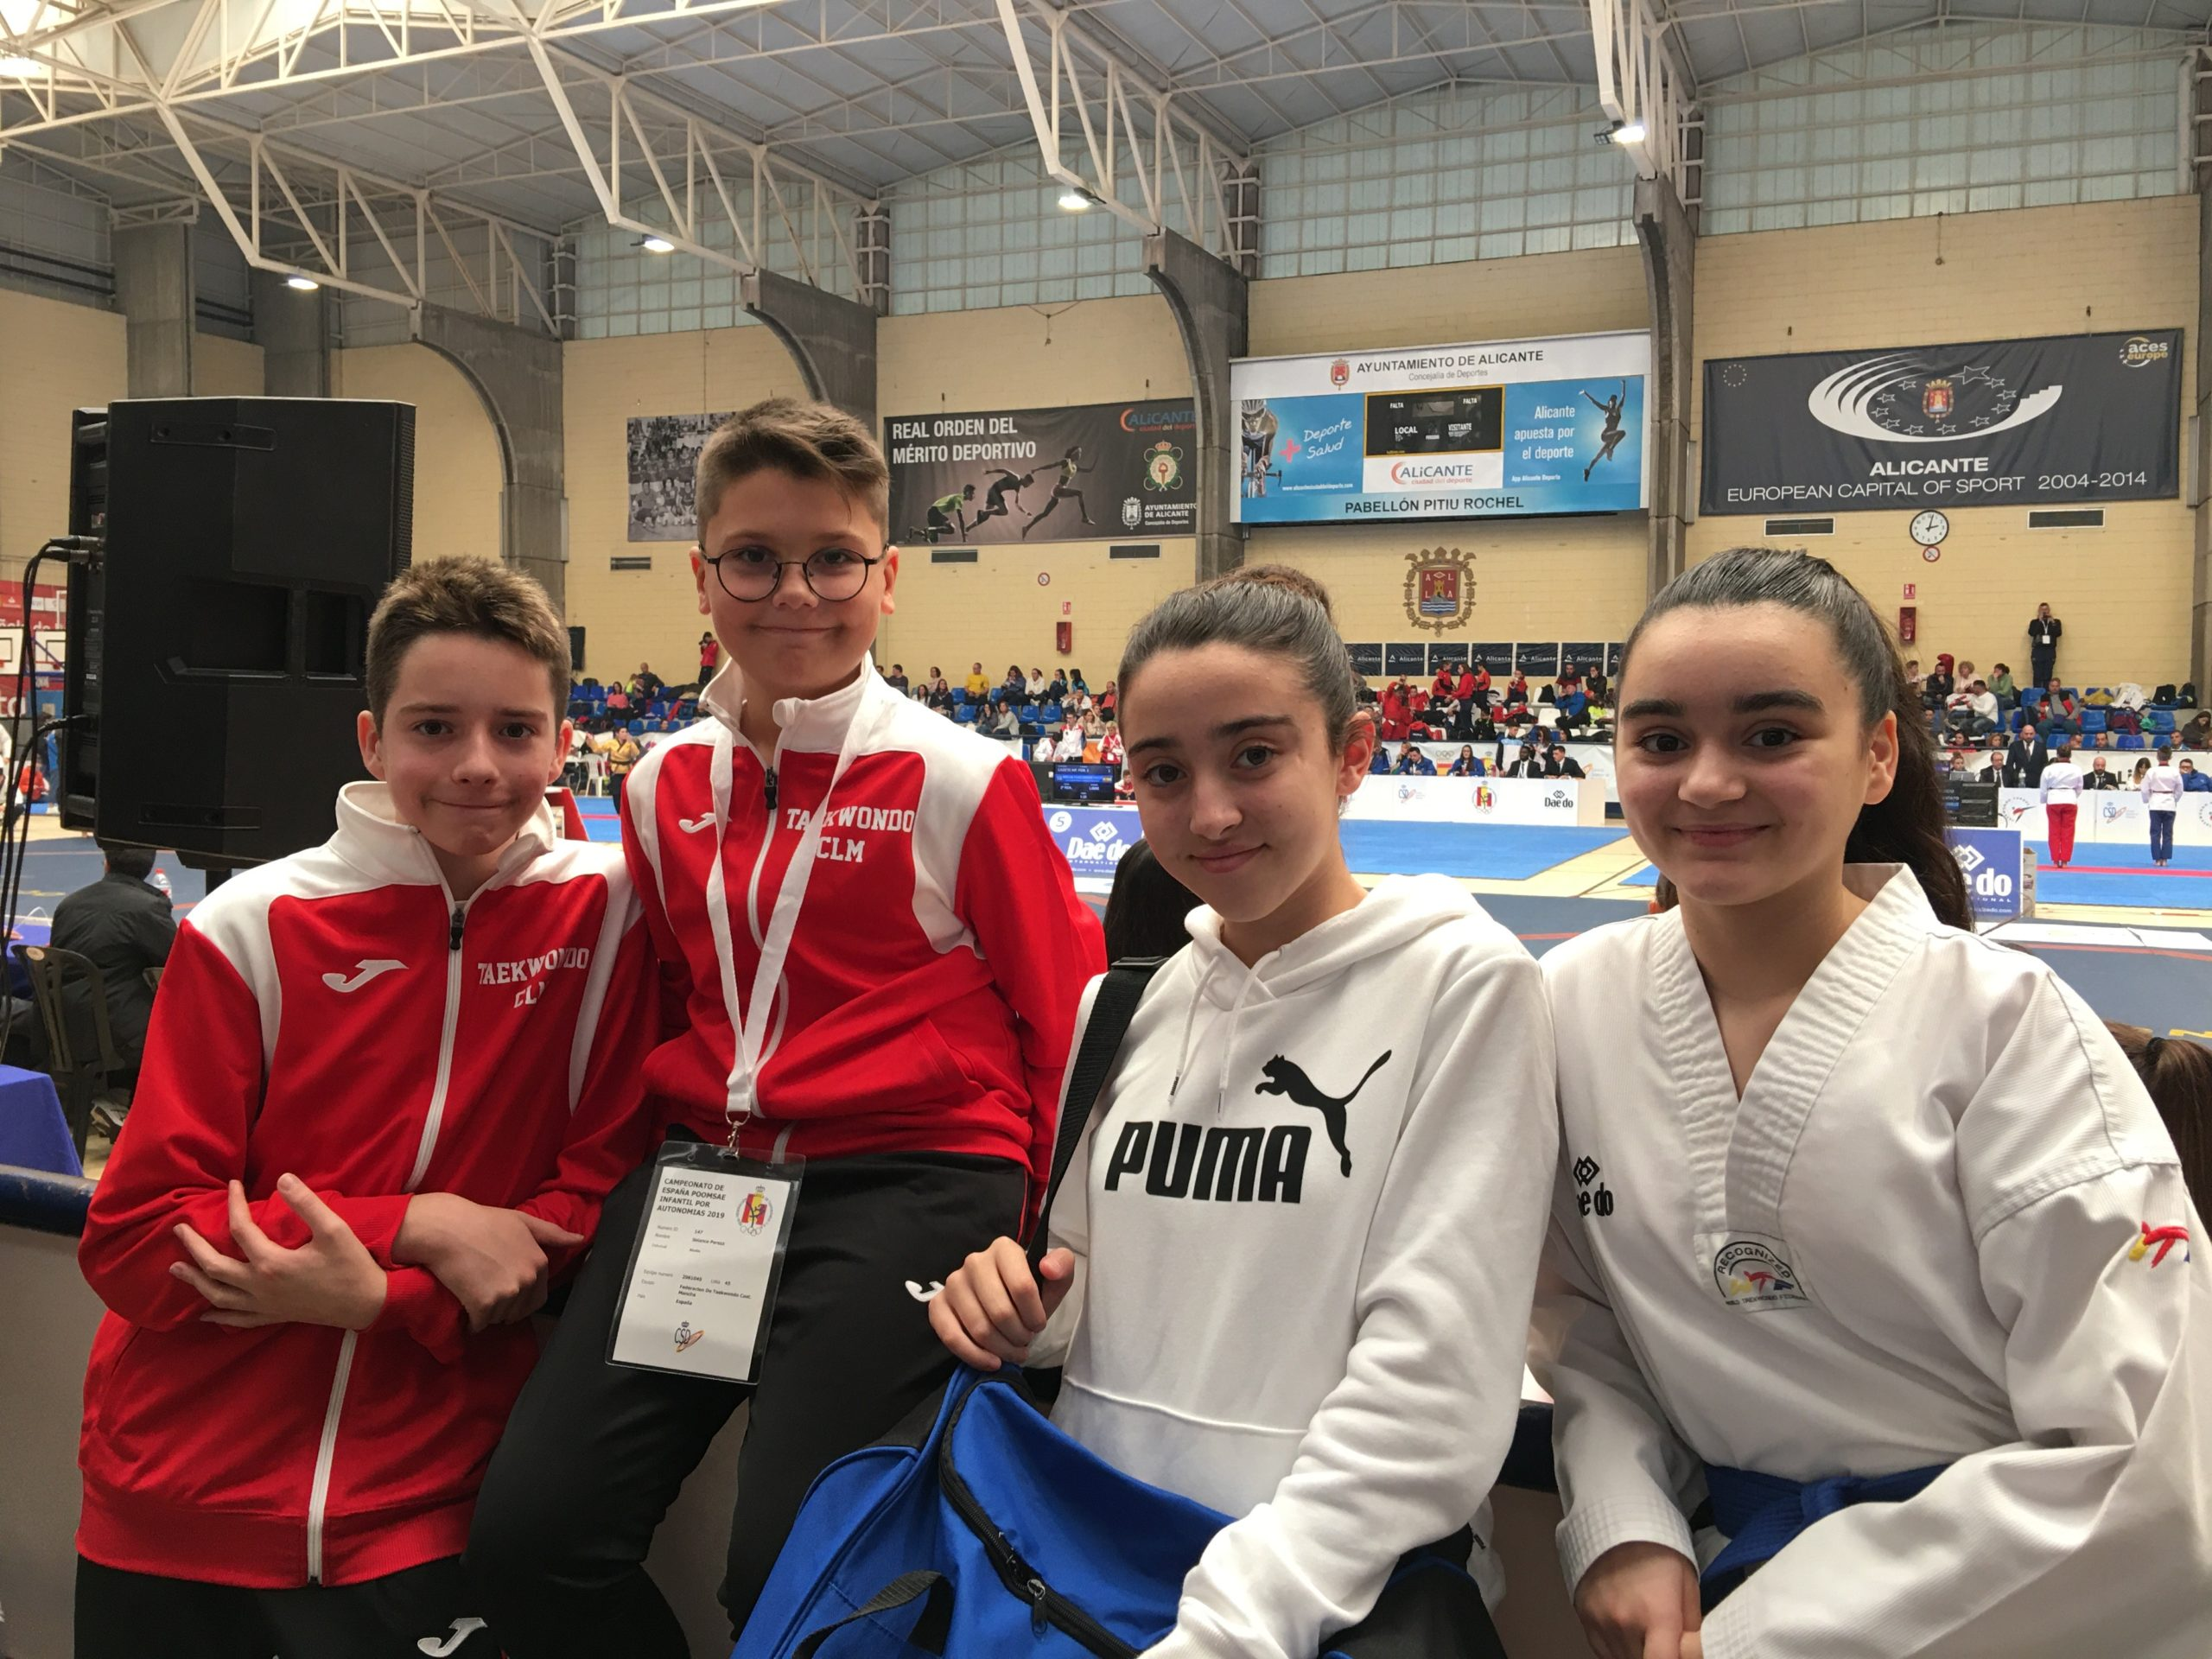 club taekwondo campeonato de españa